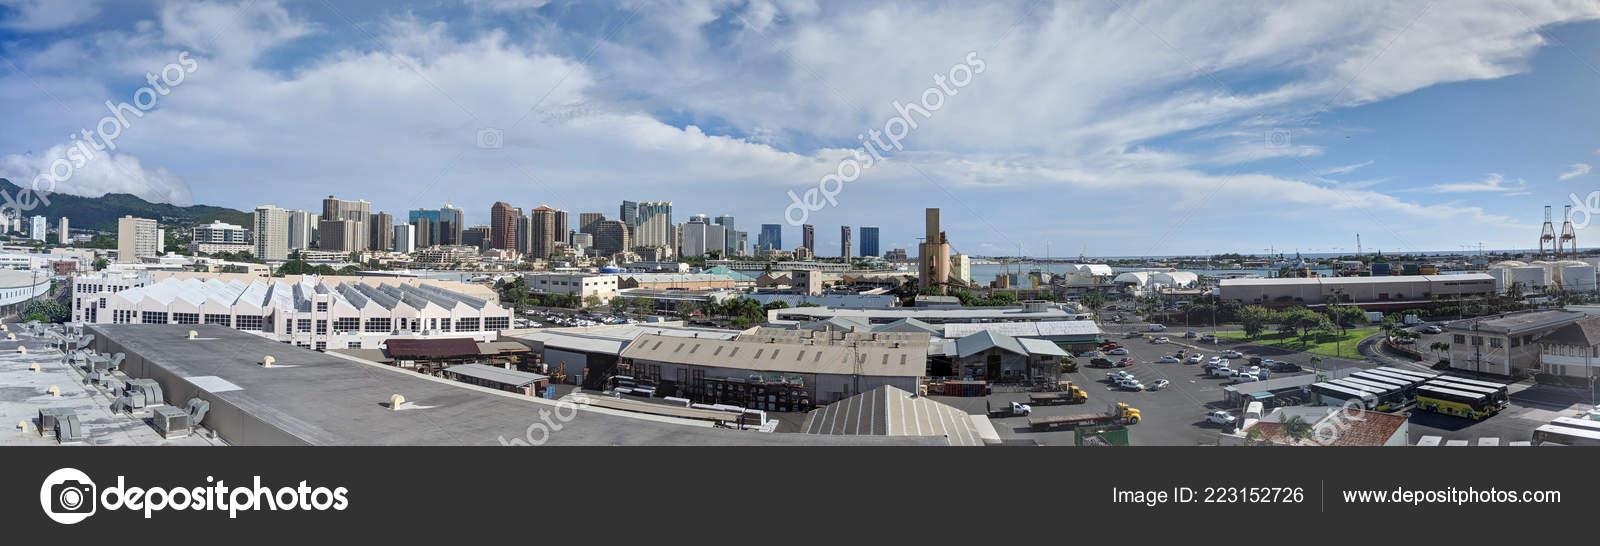 Port Of Honolulu >> Honolulu October 18th 2018 Aerial View Honolulu Port Downtown